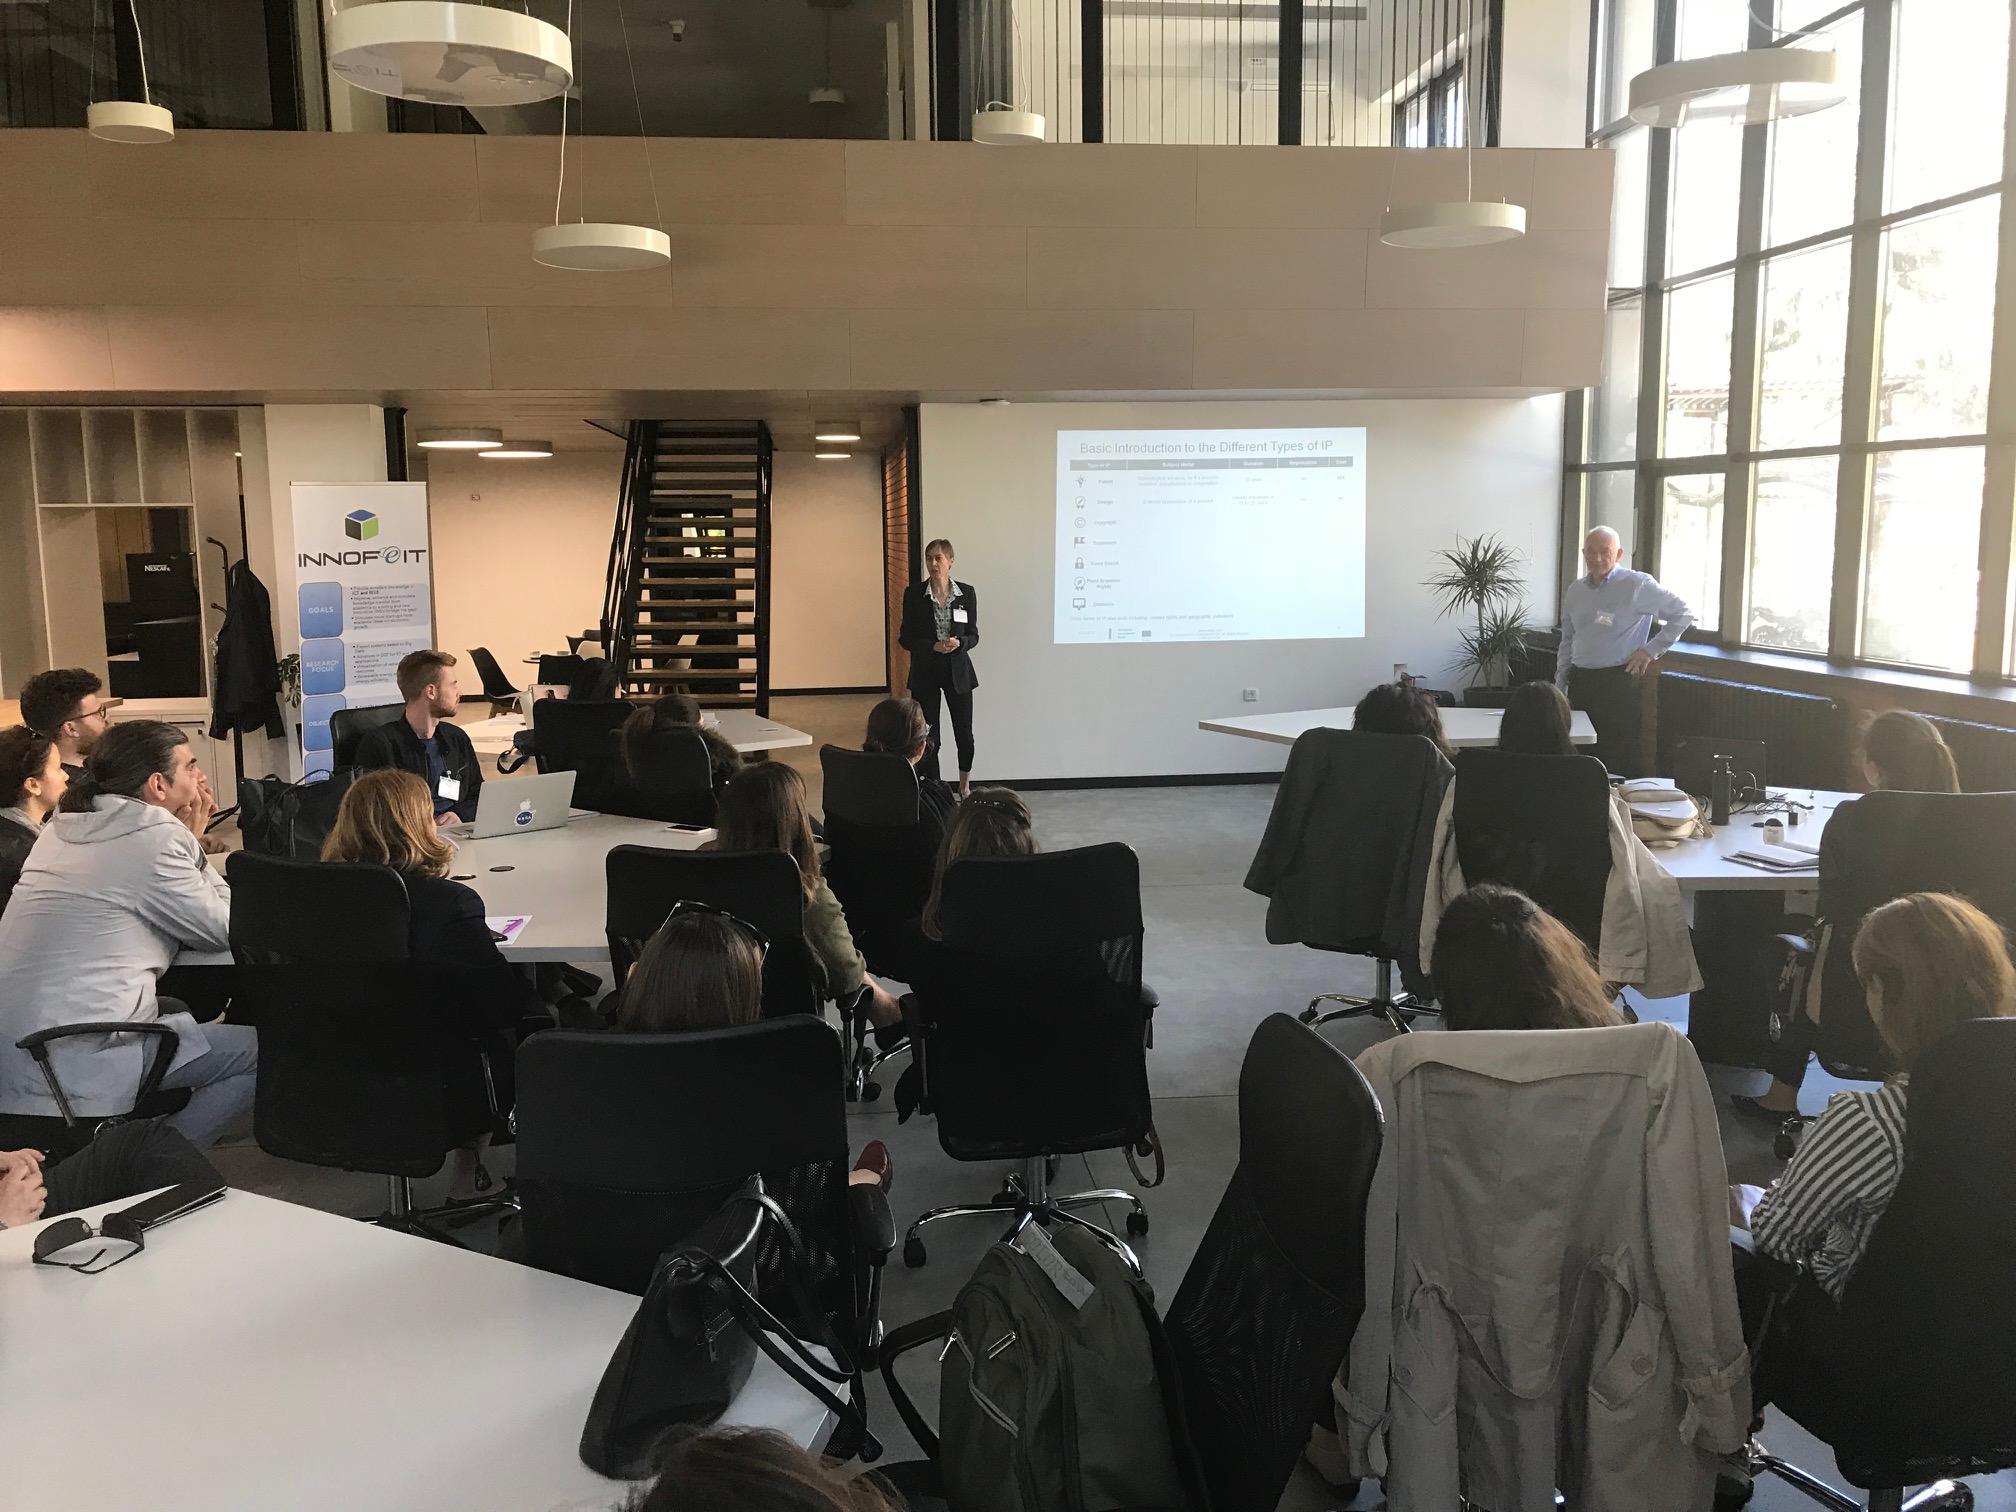 Intellectual Property Workshop held in INNOFEIT premises